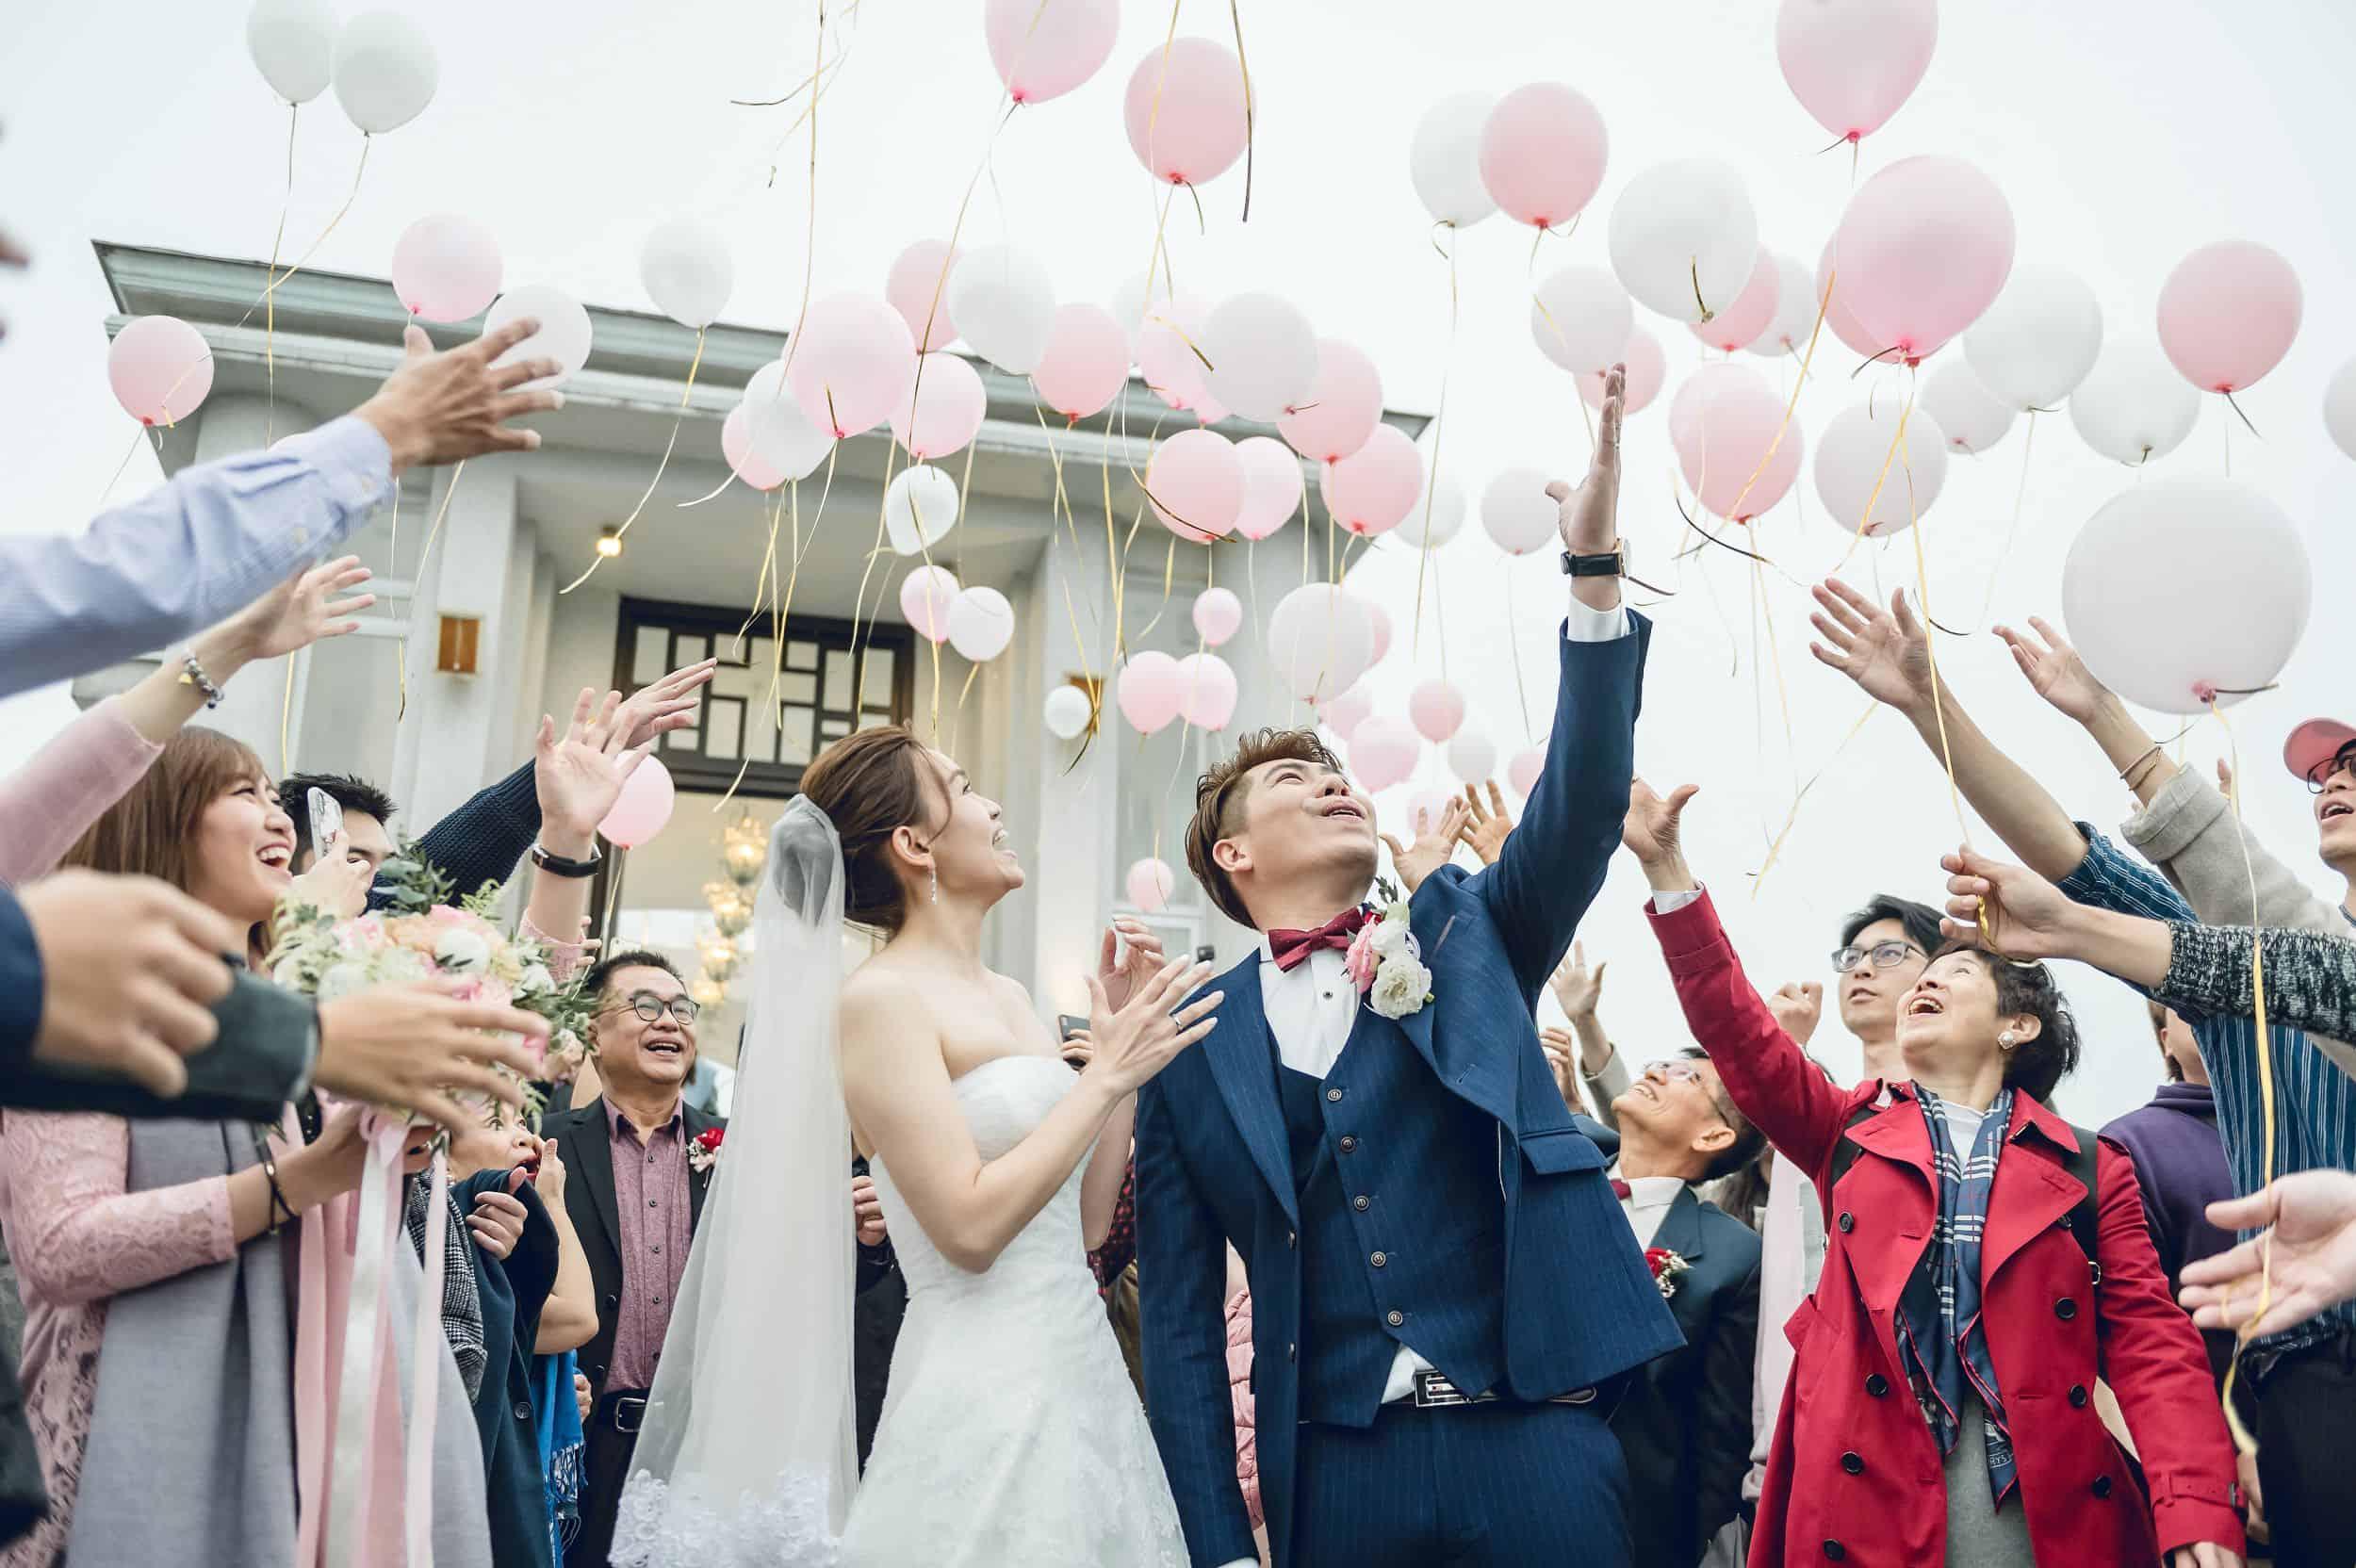 三宇影像,婚禮紀錄,婚禮記錄,婚攝,新秘,婚攝推薦,新秘推薦,宜蘭婚攝,香格里拉,冬山河,教堂證婚,水教堂,雙機攝影,類婚紗,婚禮必拍,儀式,